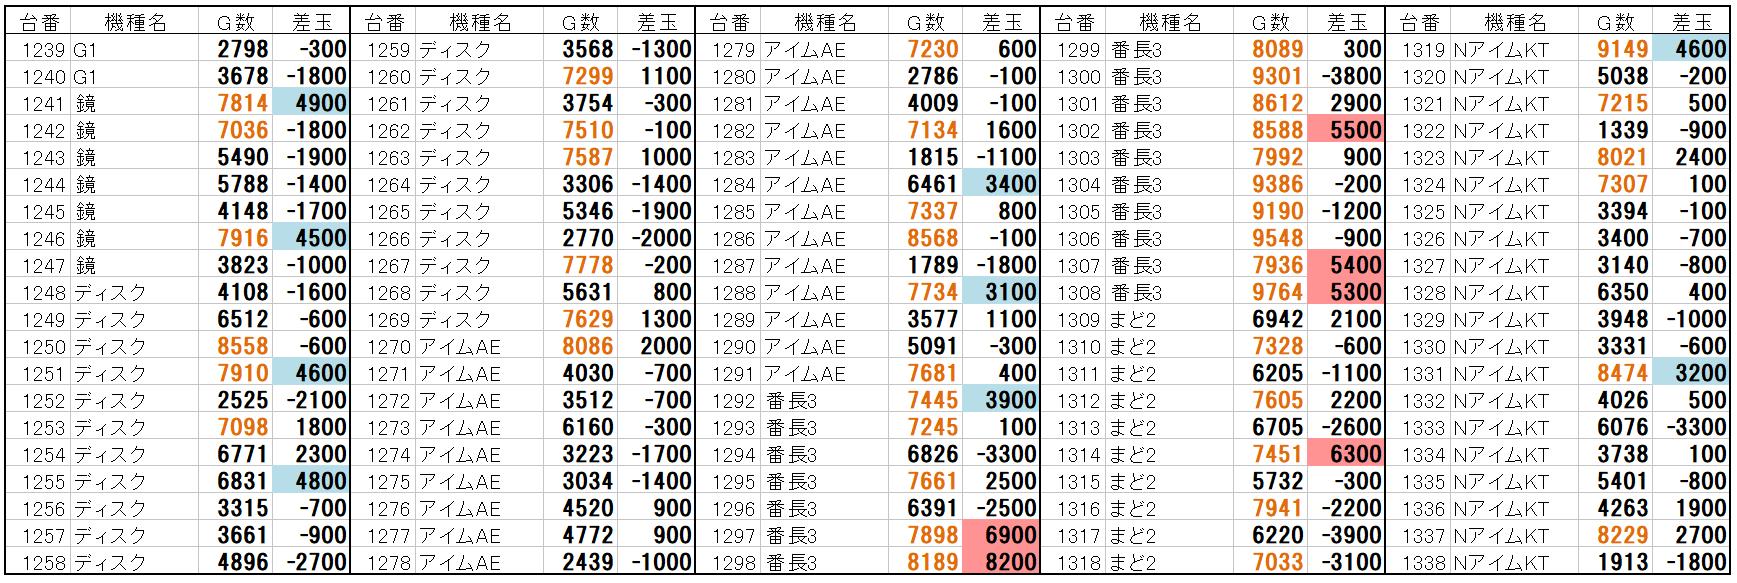 アップル 加古川 データ ビッグ